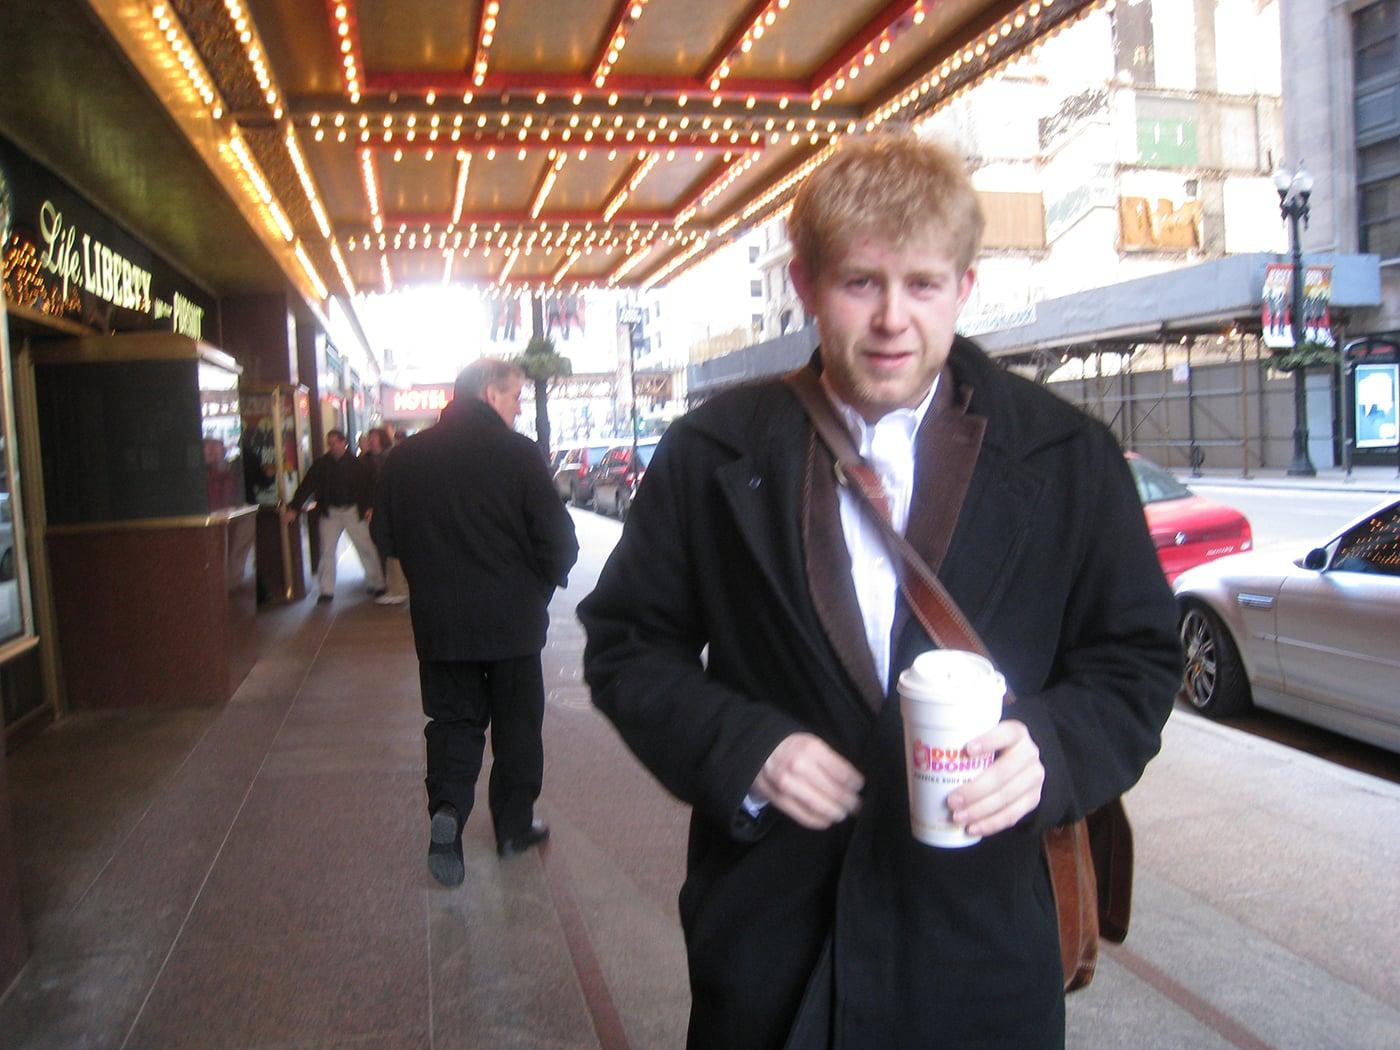 Broadway in Chicago - Jesus Christ Superstar Tour